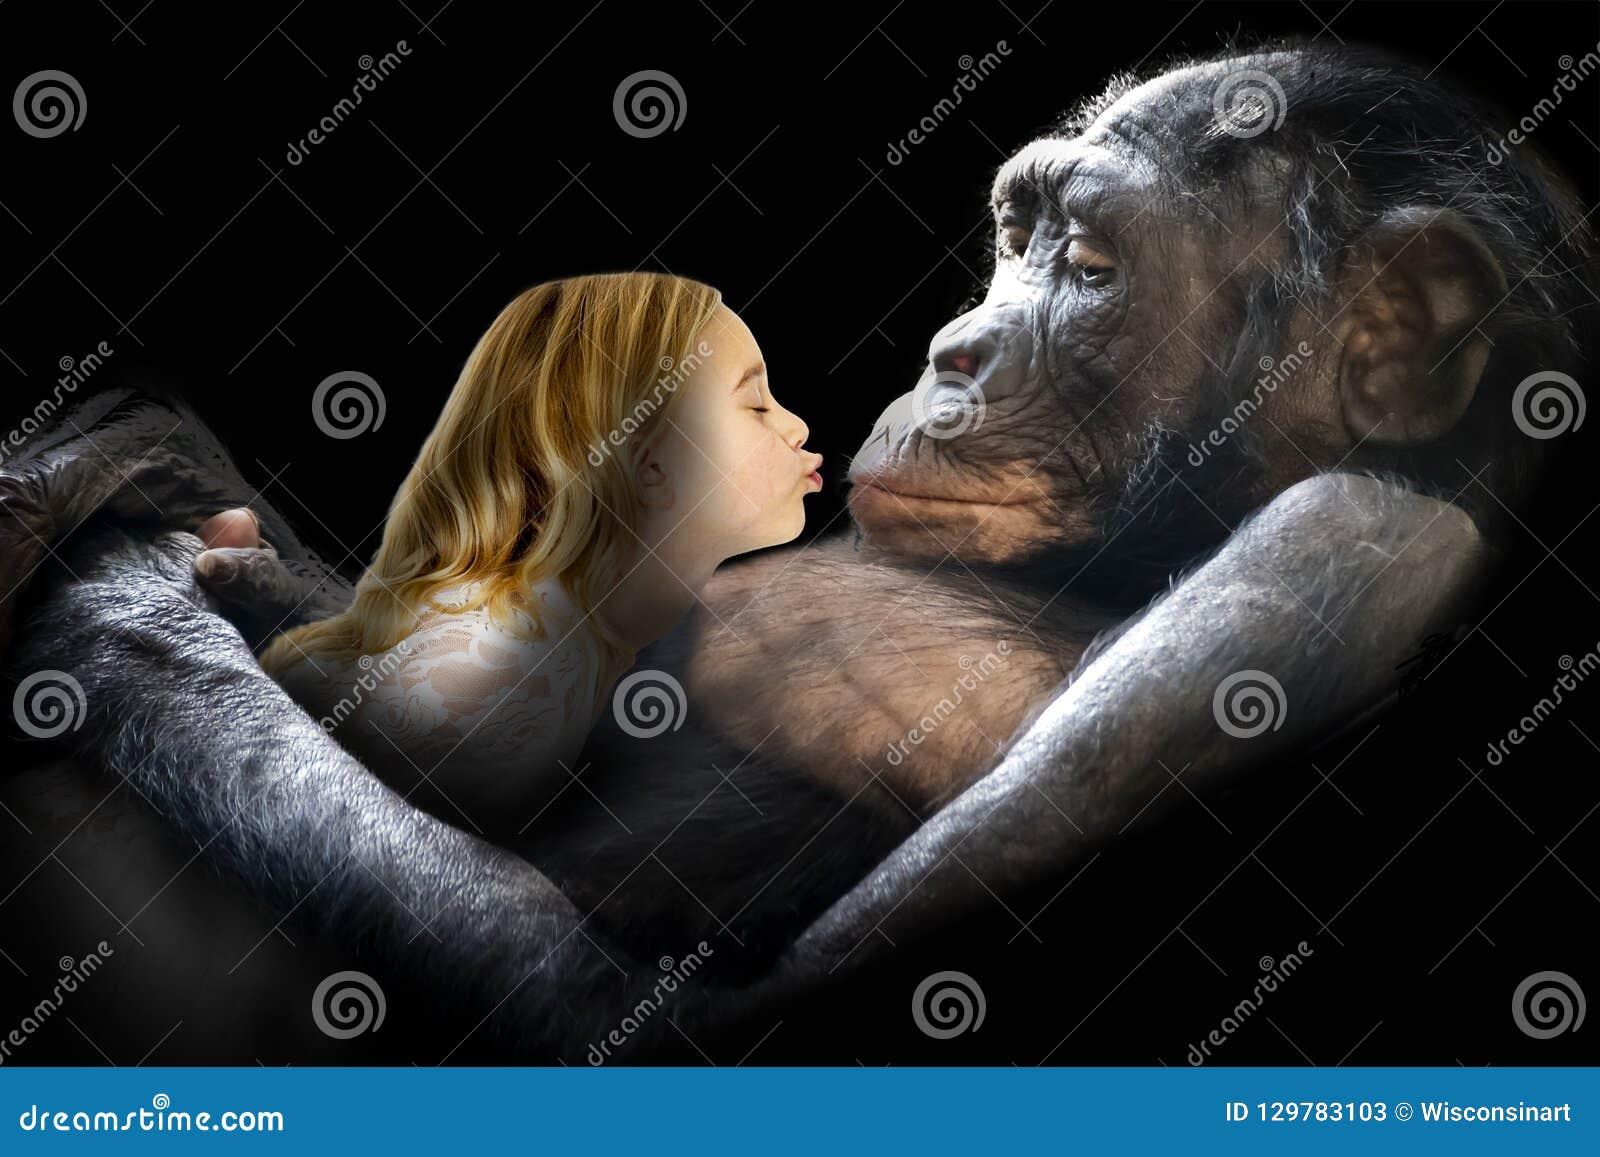 Amor, natureza, menina, macaco, beijo